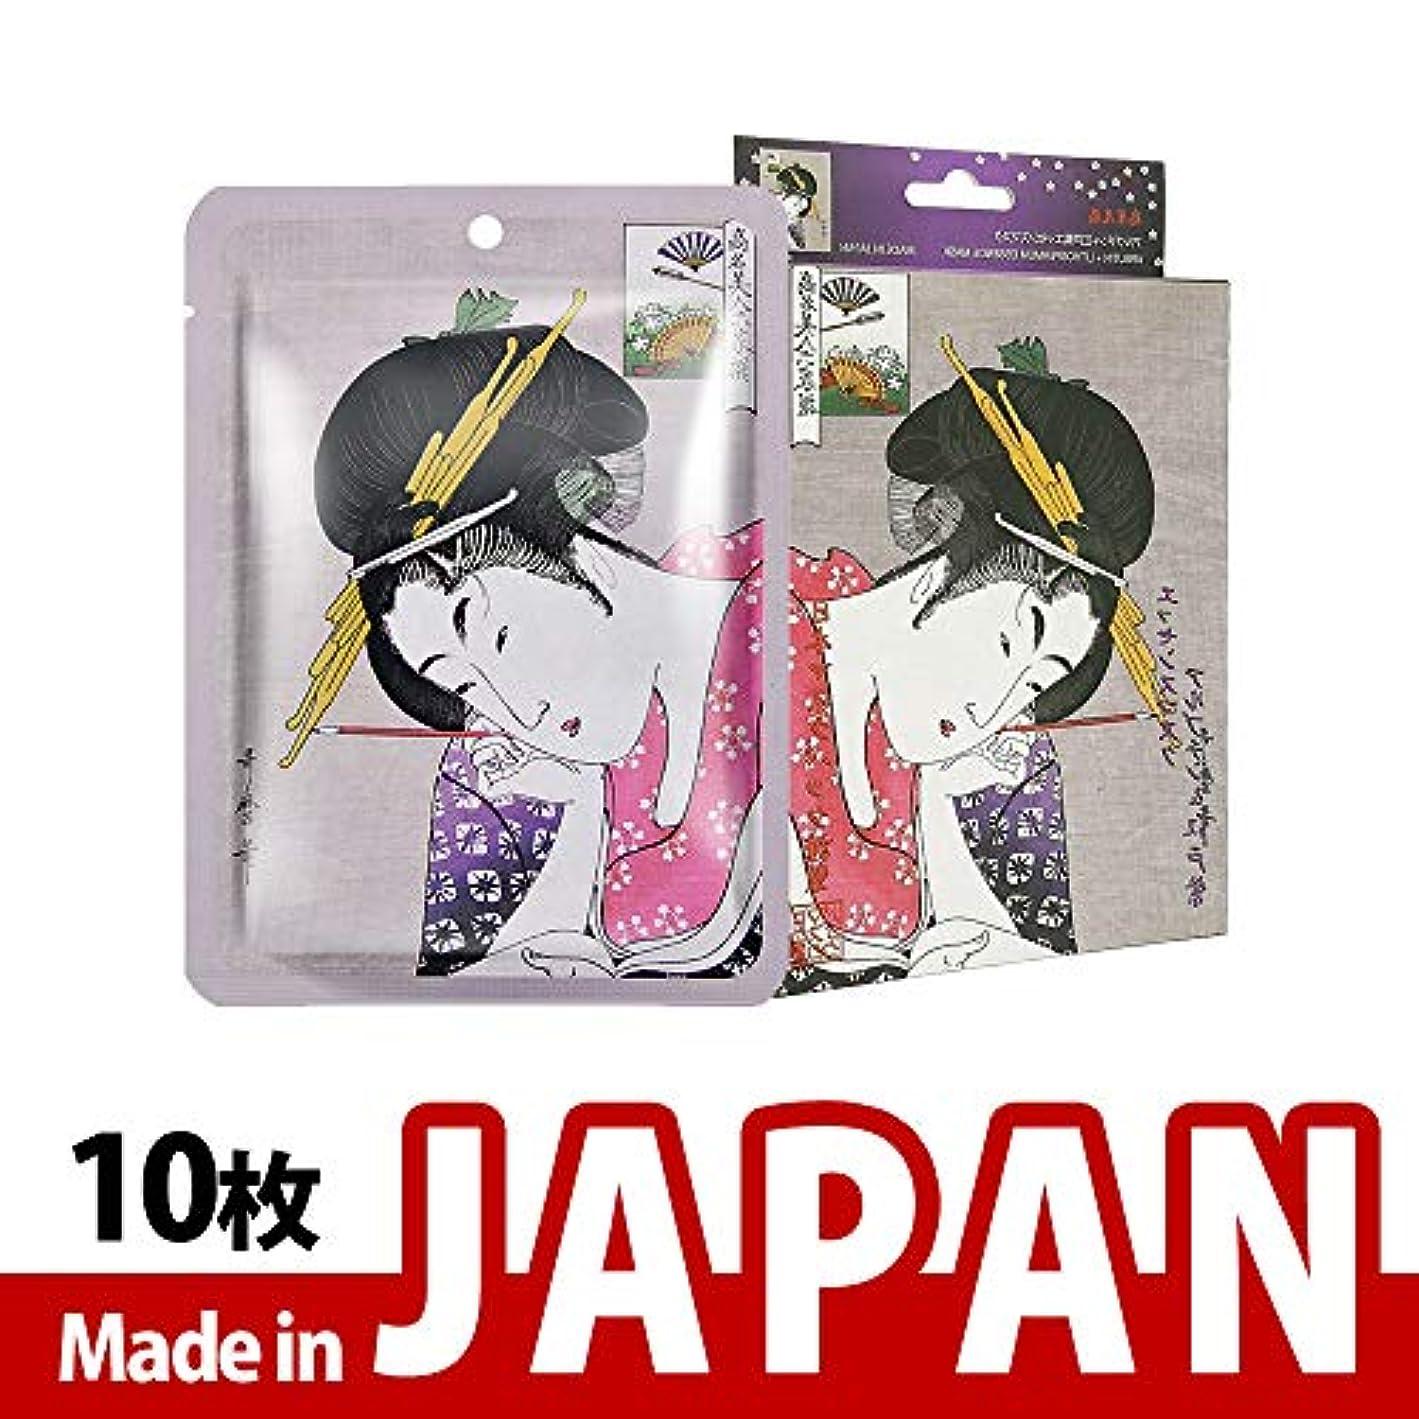 呪われた安らぎ遠近法MITOMO【JP002-A-0】日本製アルブチン+紫根ホワイトニング シートマスク/10枚入り/10枚/美容液/マスクパック/送料無料